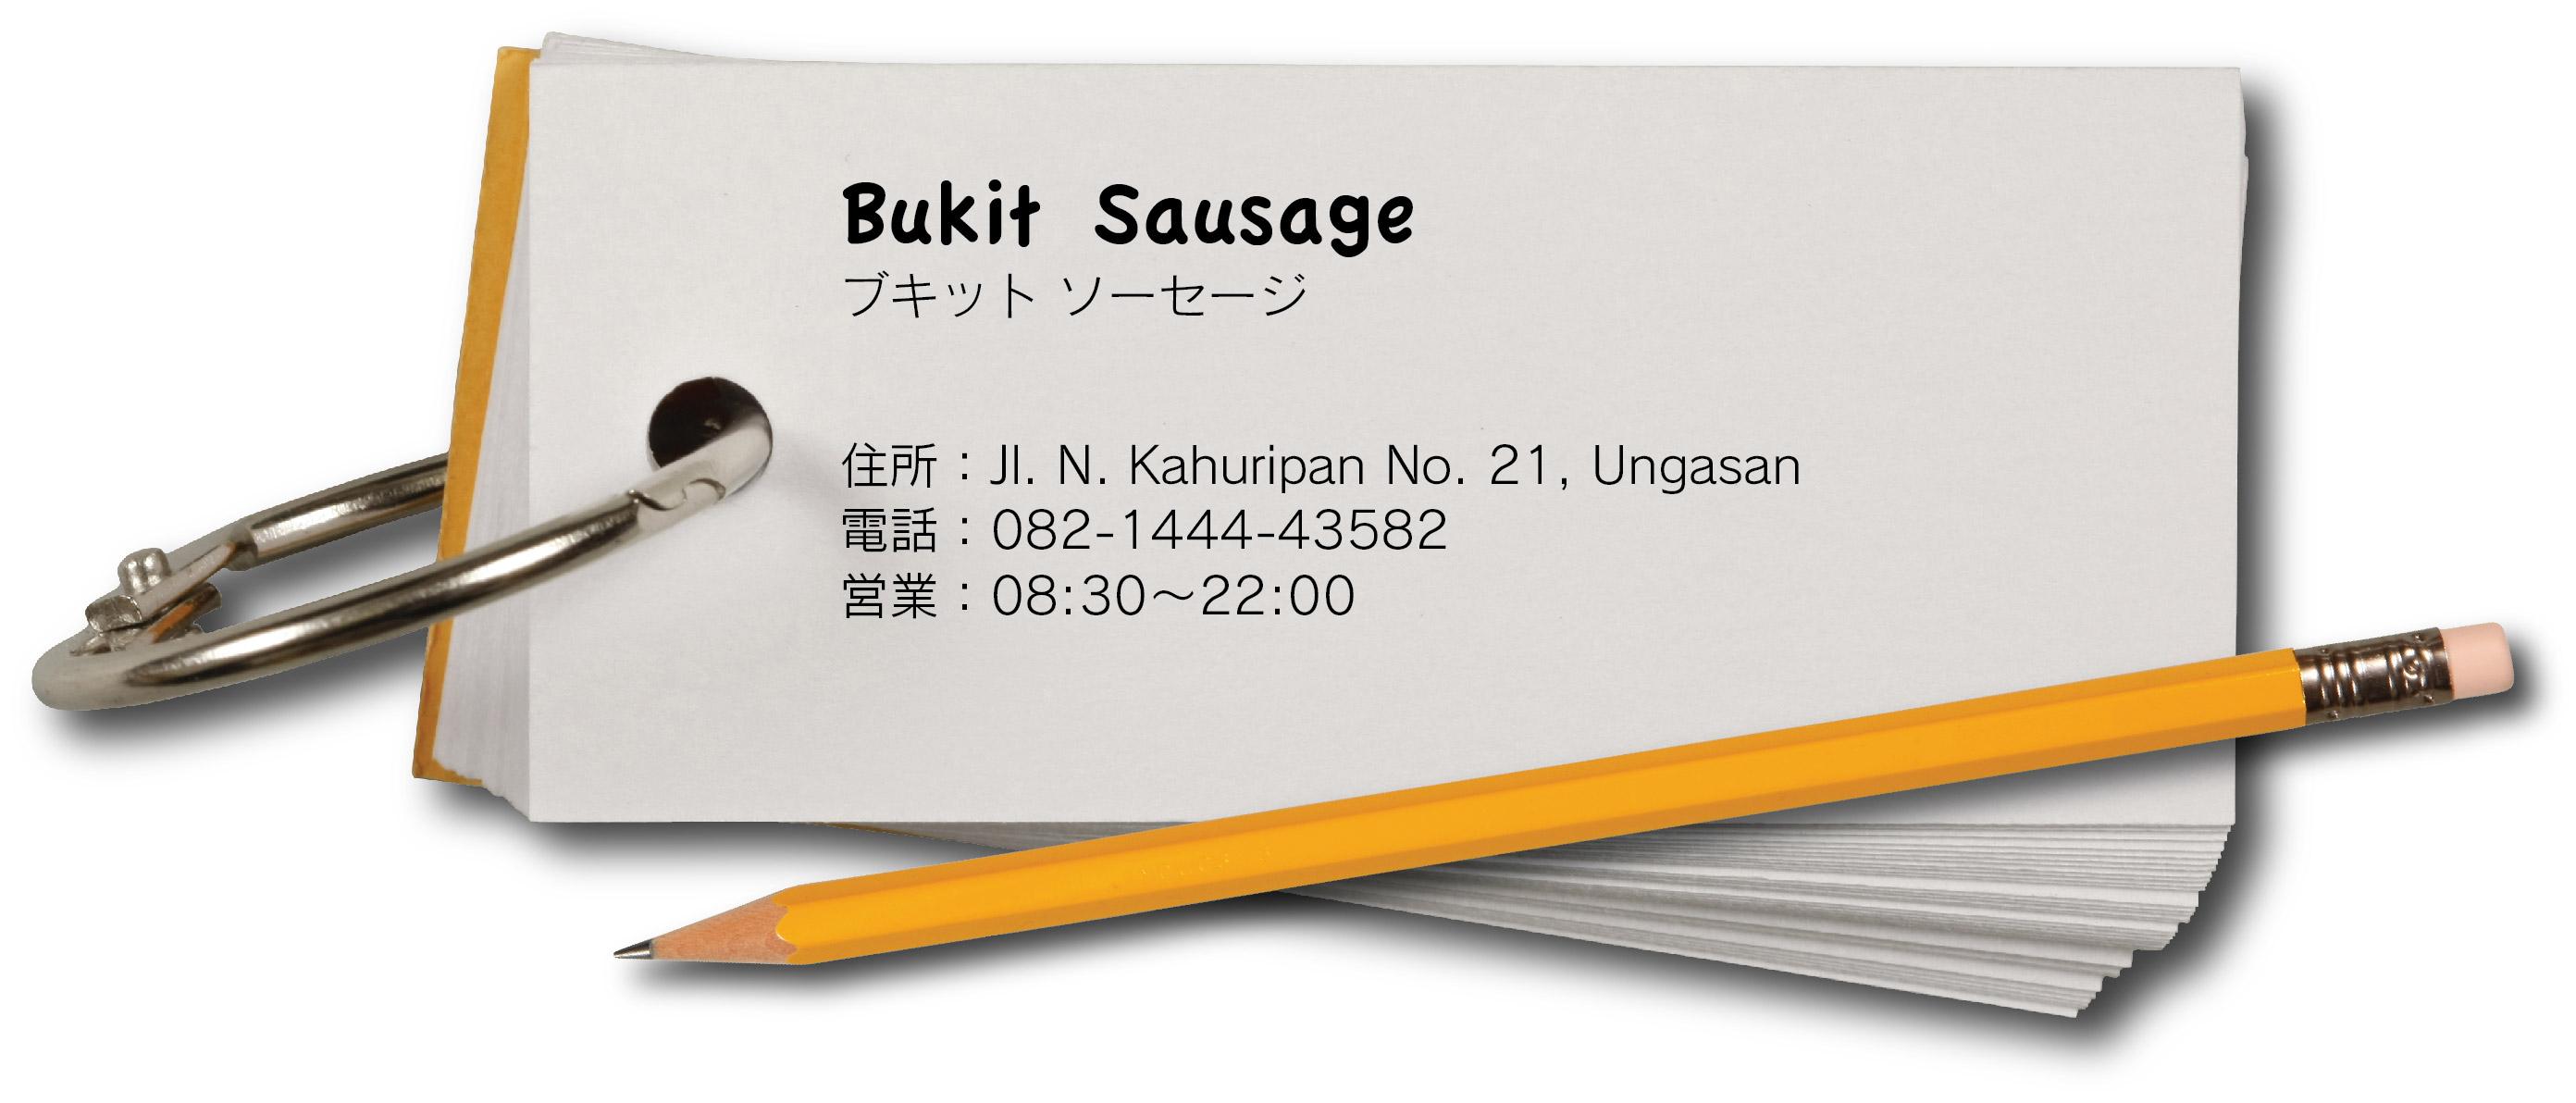 BukitSausageの画像10